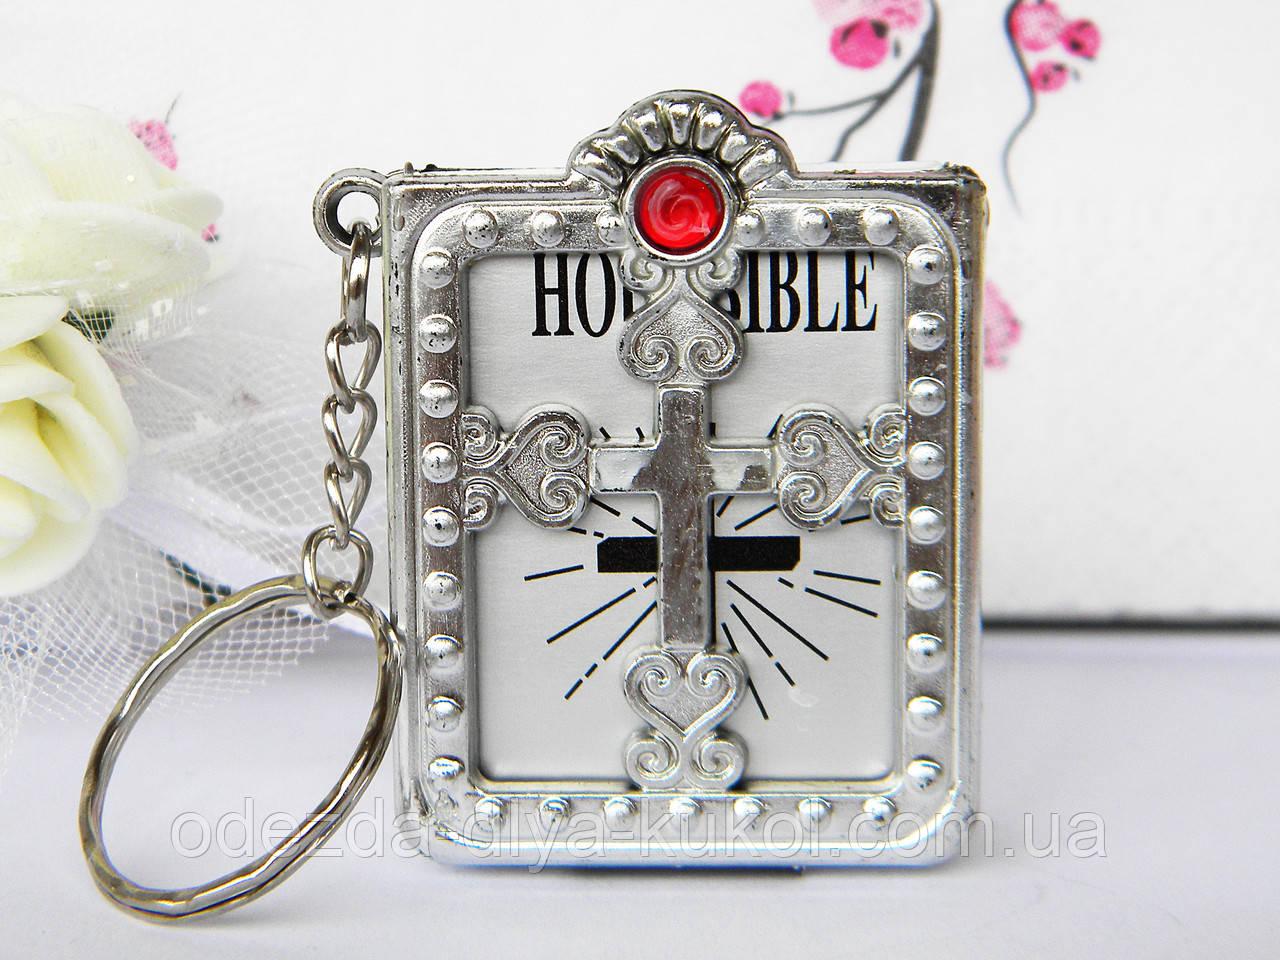 Міні біблія срібна (аксесуари для ляльок)